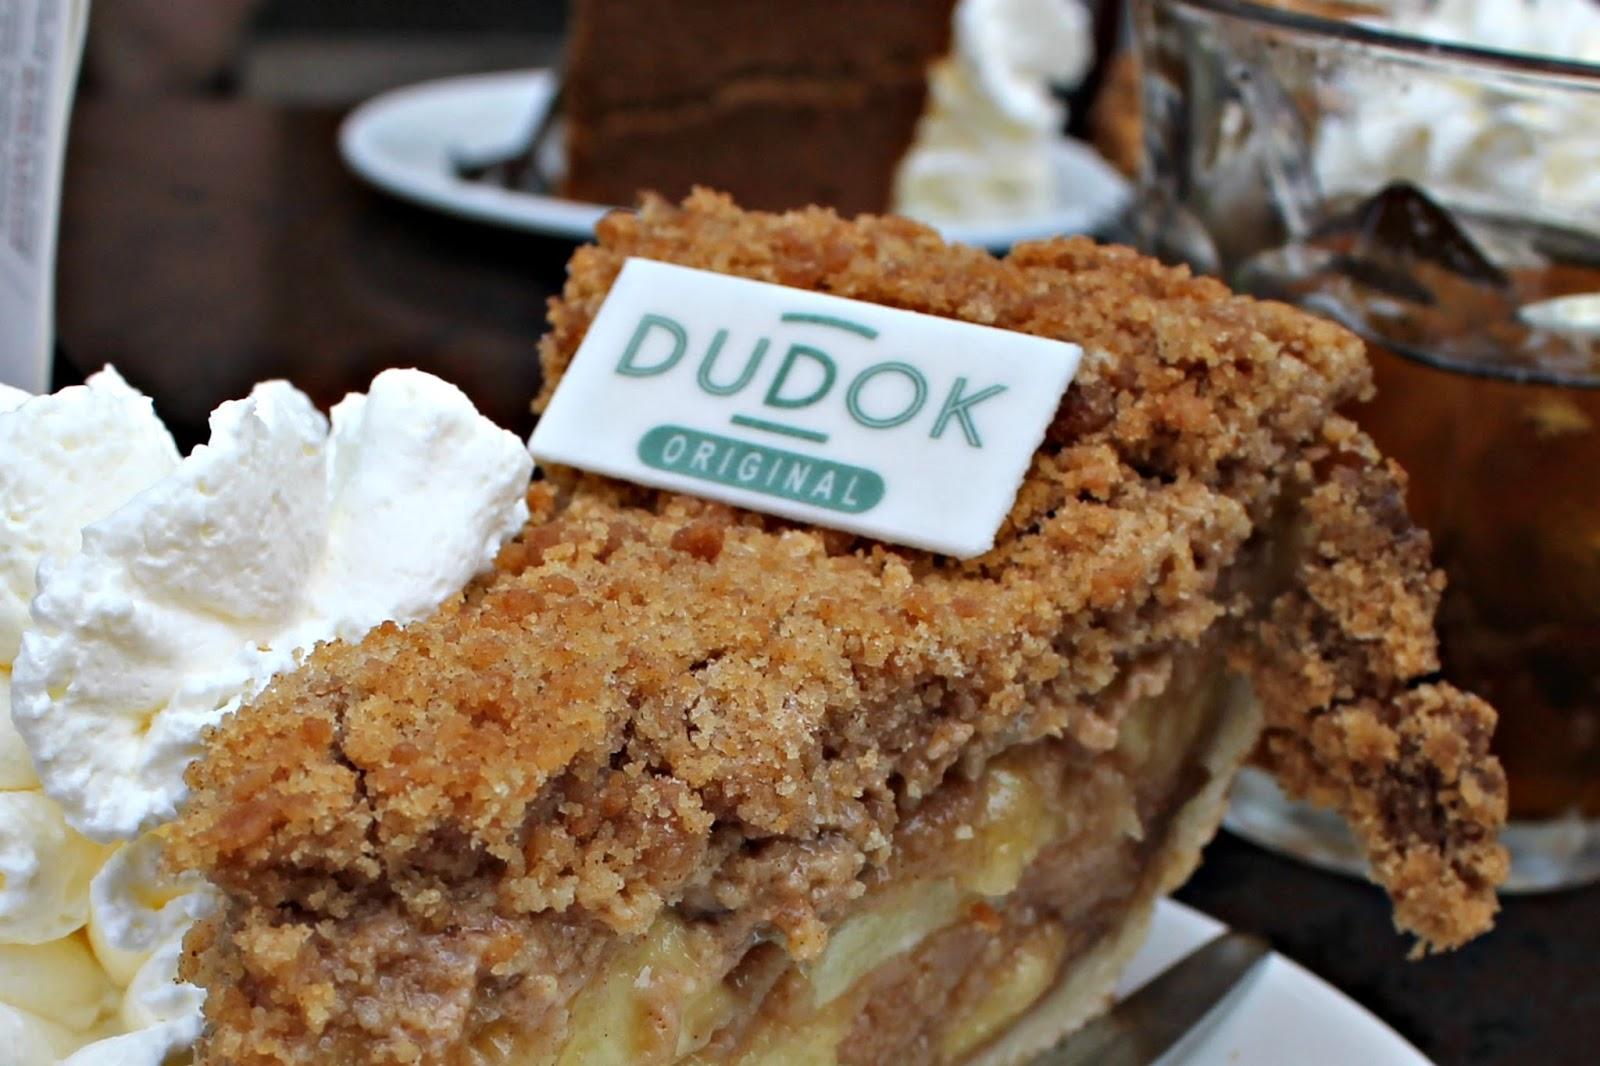 dudok taart Dudok: waar je appeltaart als lunch wilt eten dudok taart